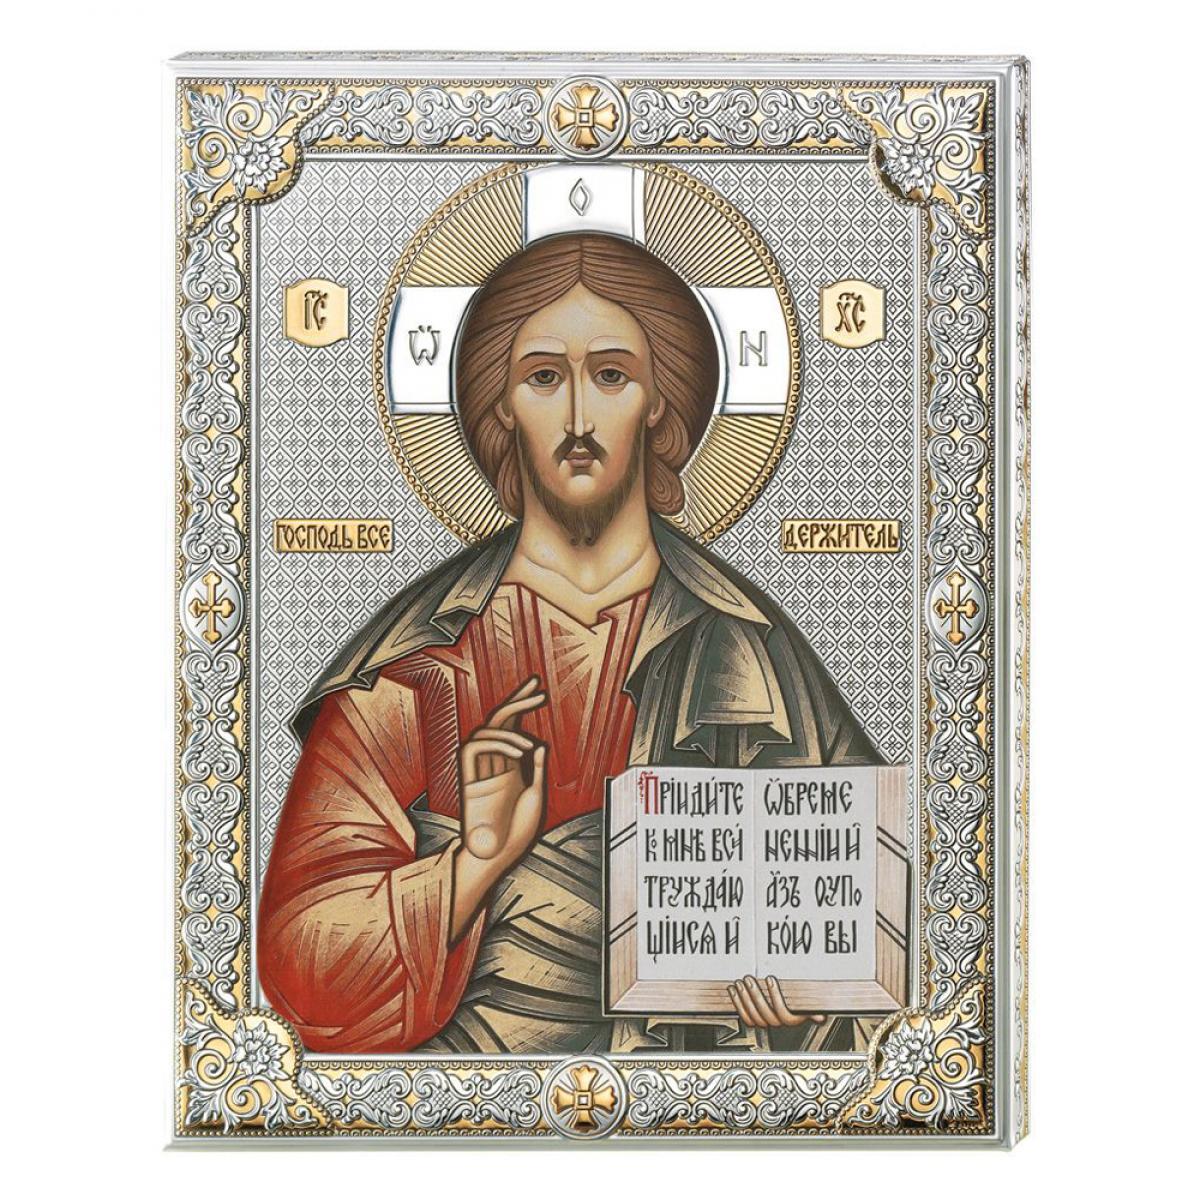 Ікона срібна Ісус Христос Вседержитель 16х20см 85300 3LCOL